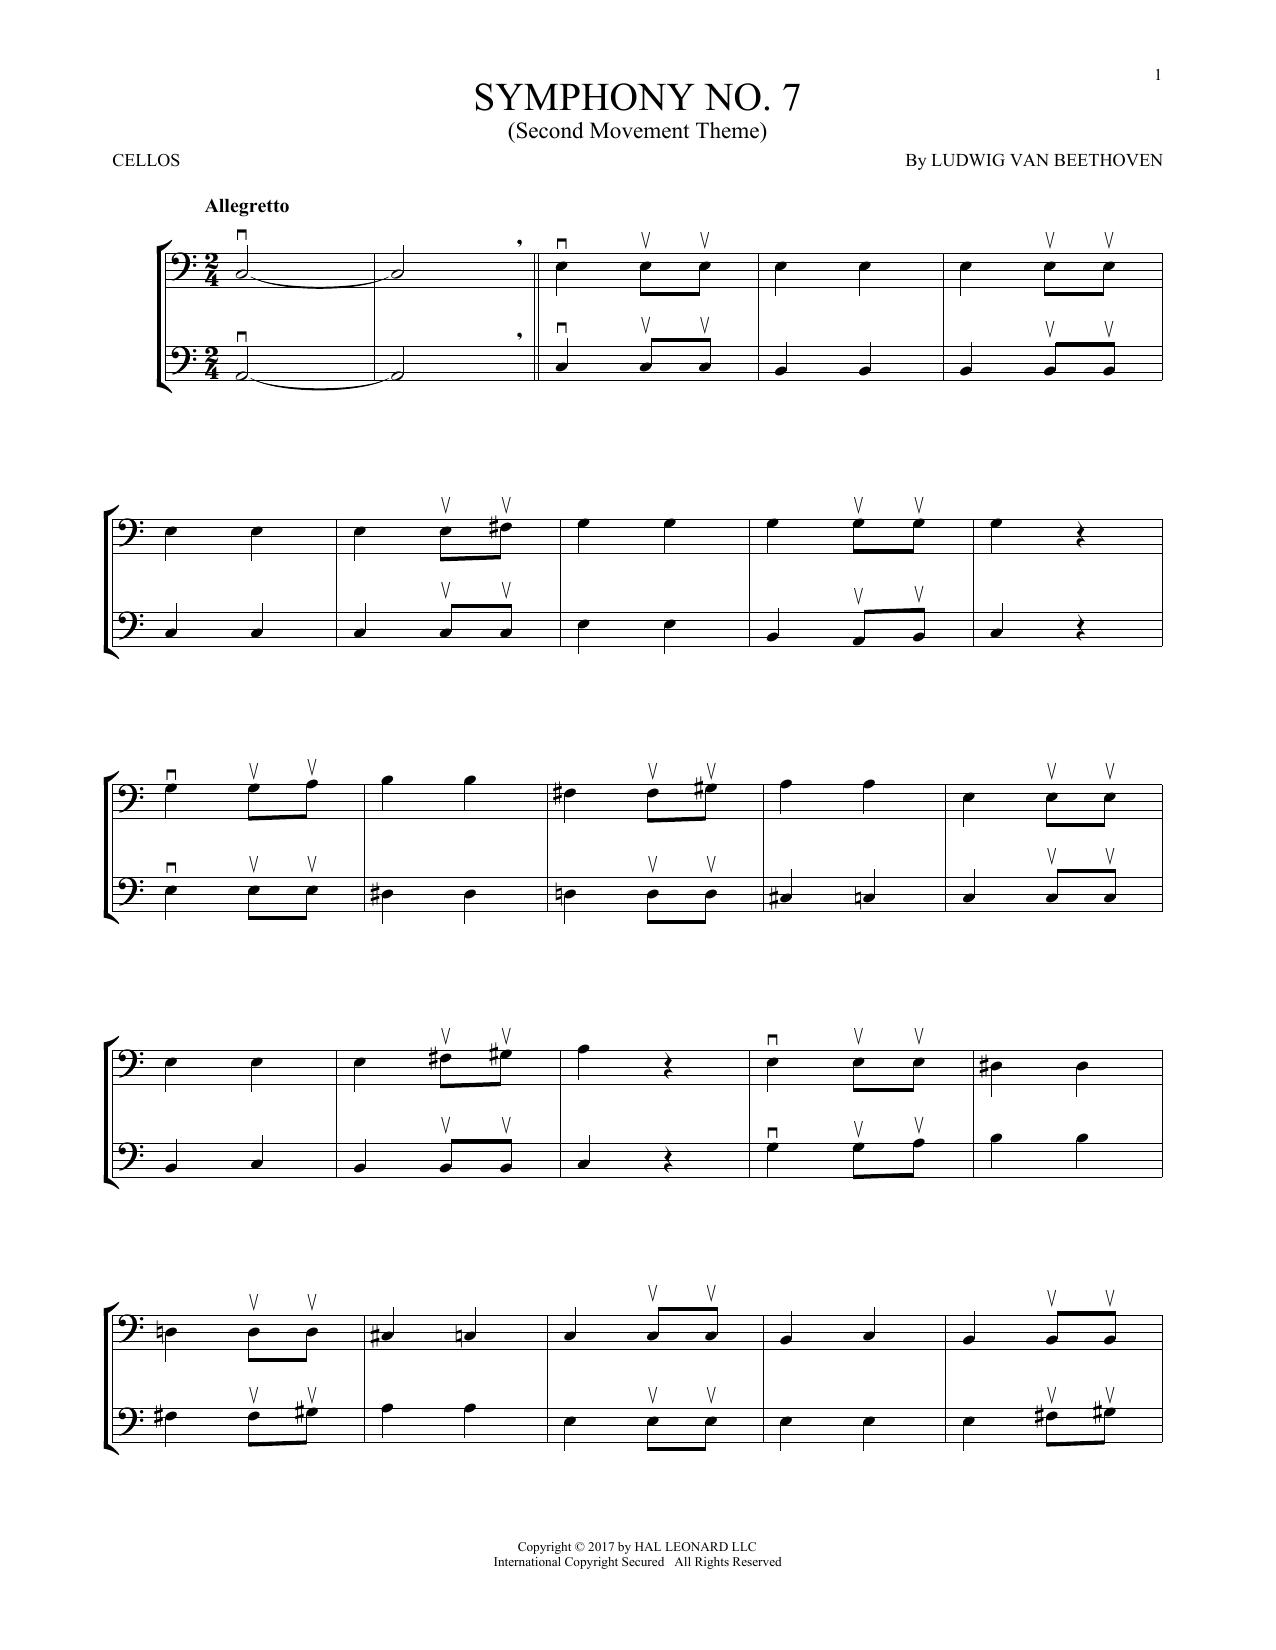 Symphony No. 7 In A Major, Second Movement (Allegretto) (Cello Duet)